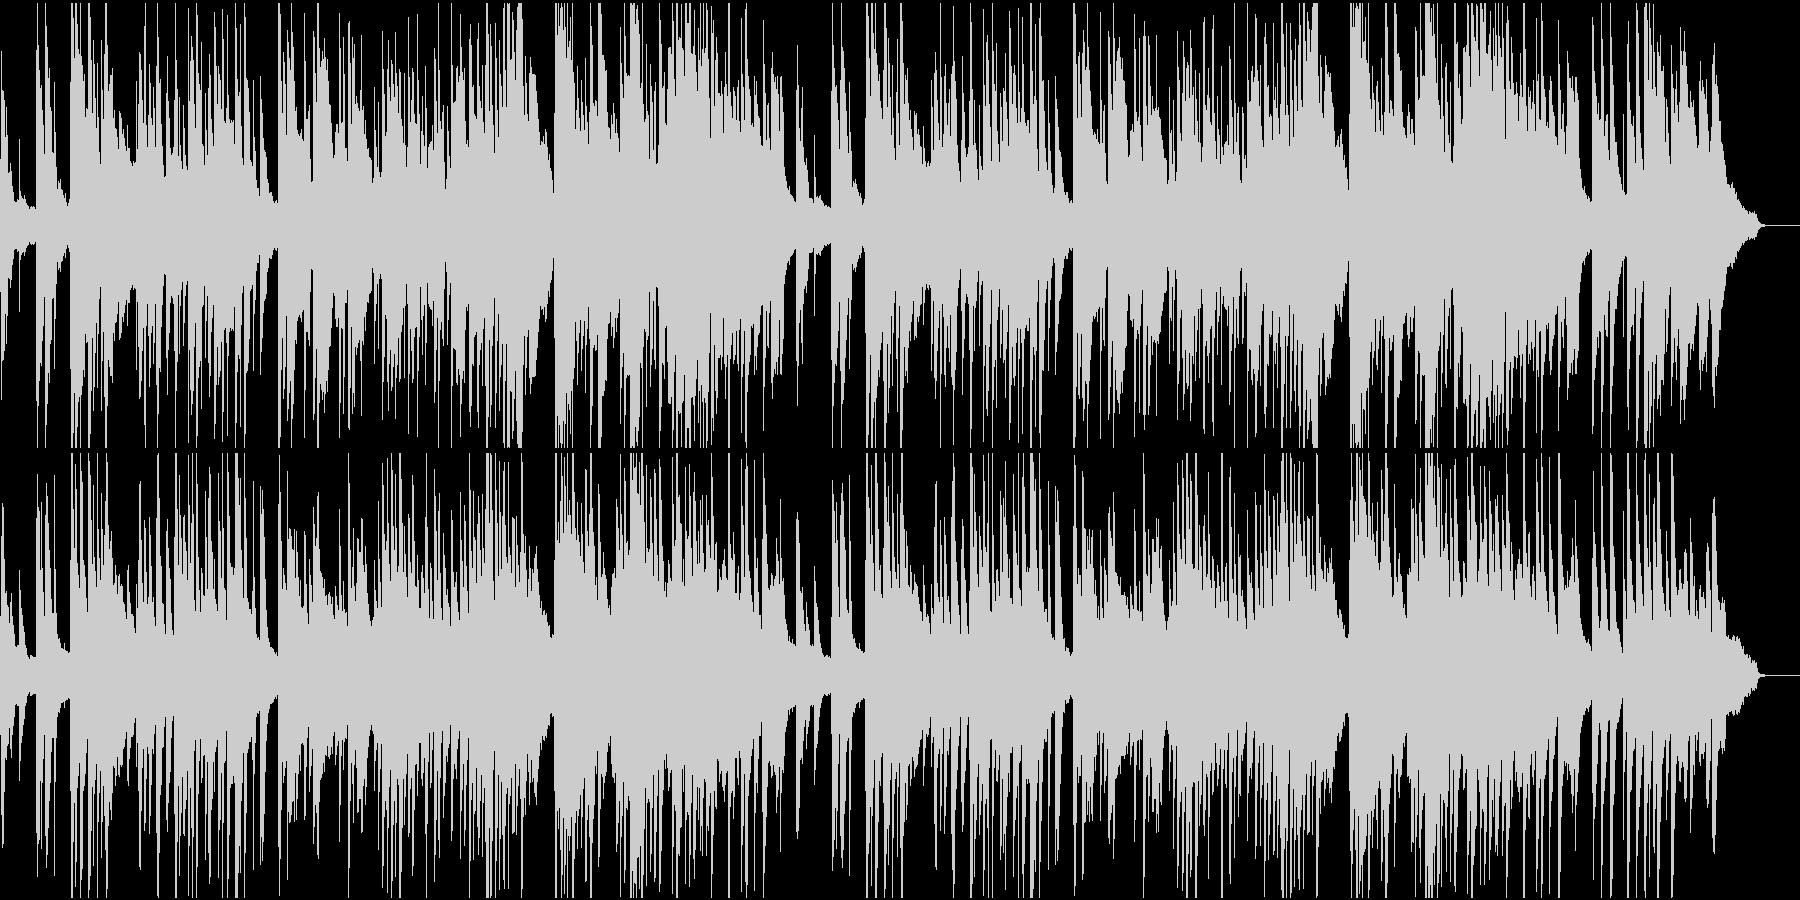 優しく落ち着く感じのピアノ曲の未再生の波形